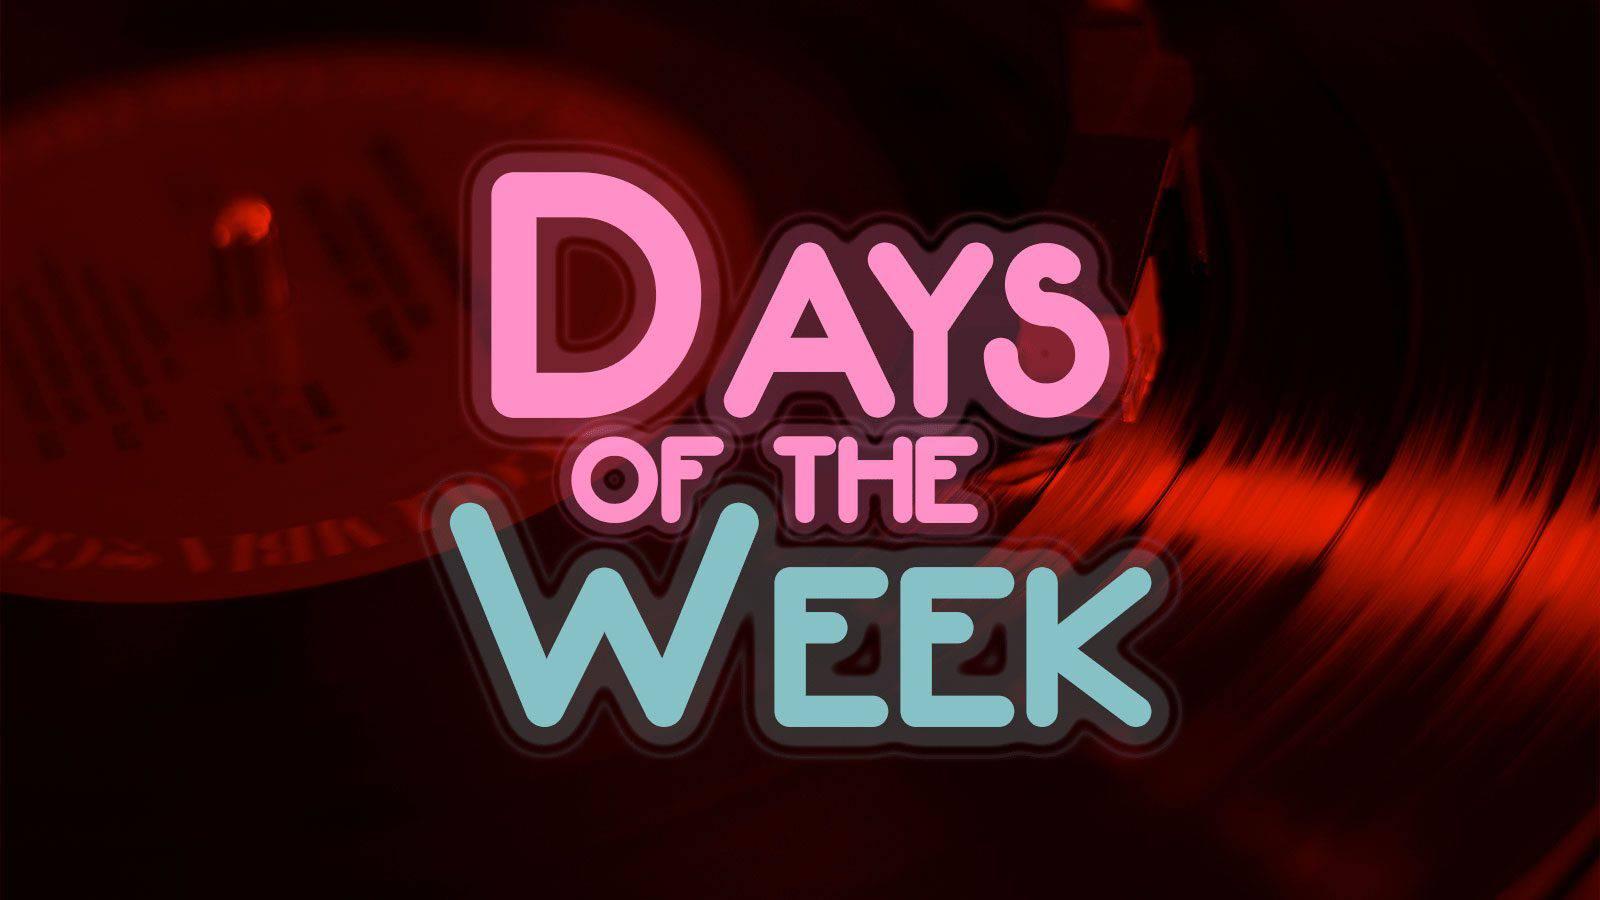 Les jours de la semaine en anglais (dans le style de la série télé Happy Days)